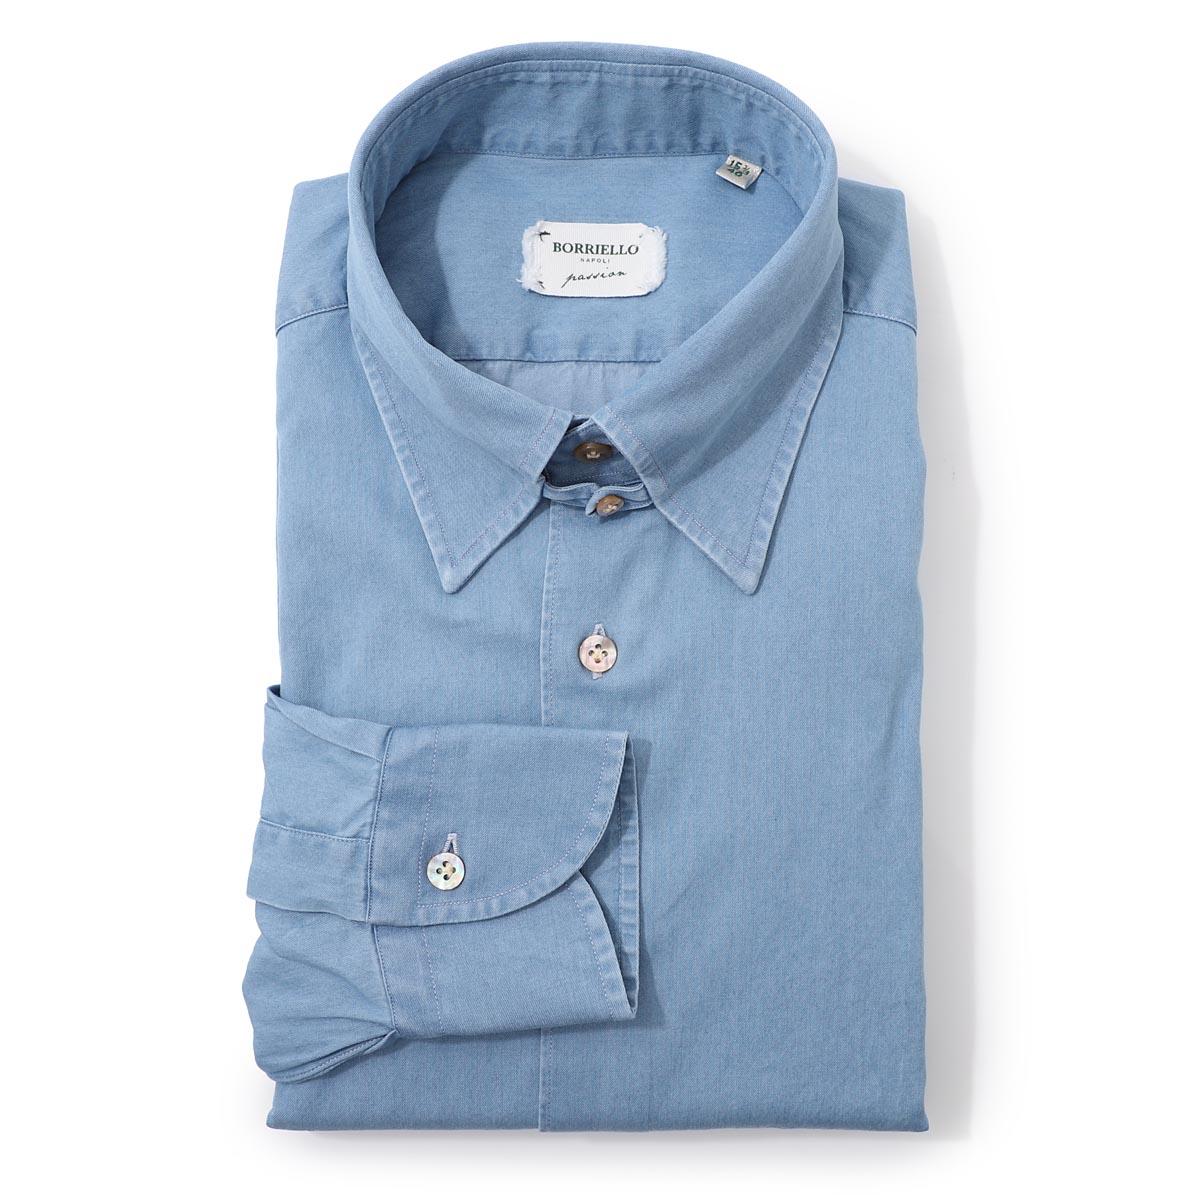 ボリエッロ BORRIELLO タブカラー シャツ ブルー メンズ 大きいサイズあり tab 9094 2 TAB SLIM FIT【あす楽対応_関東】【返品送料無料】【ラッピング無料】